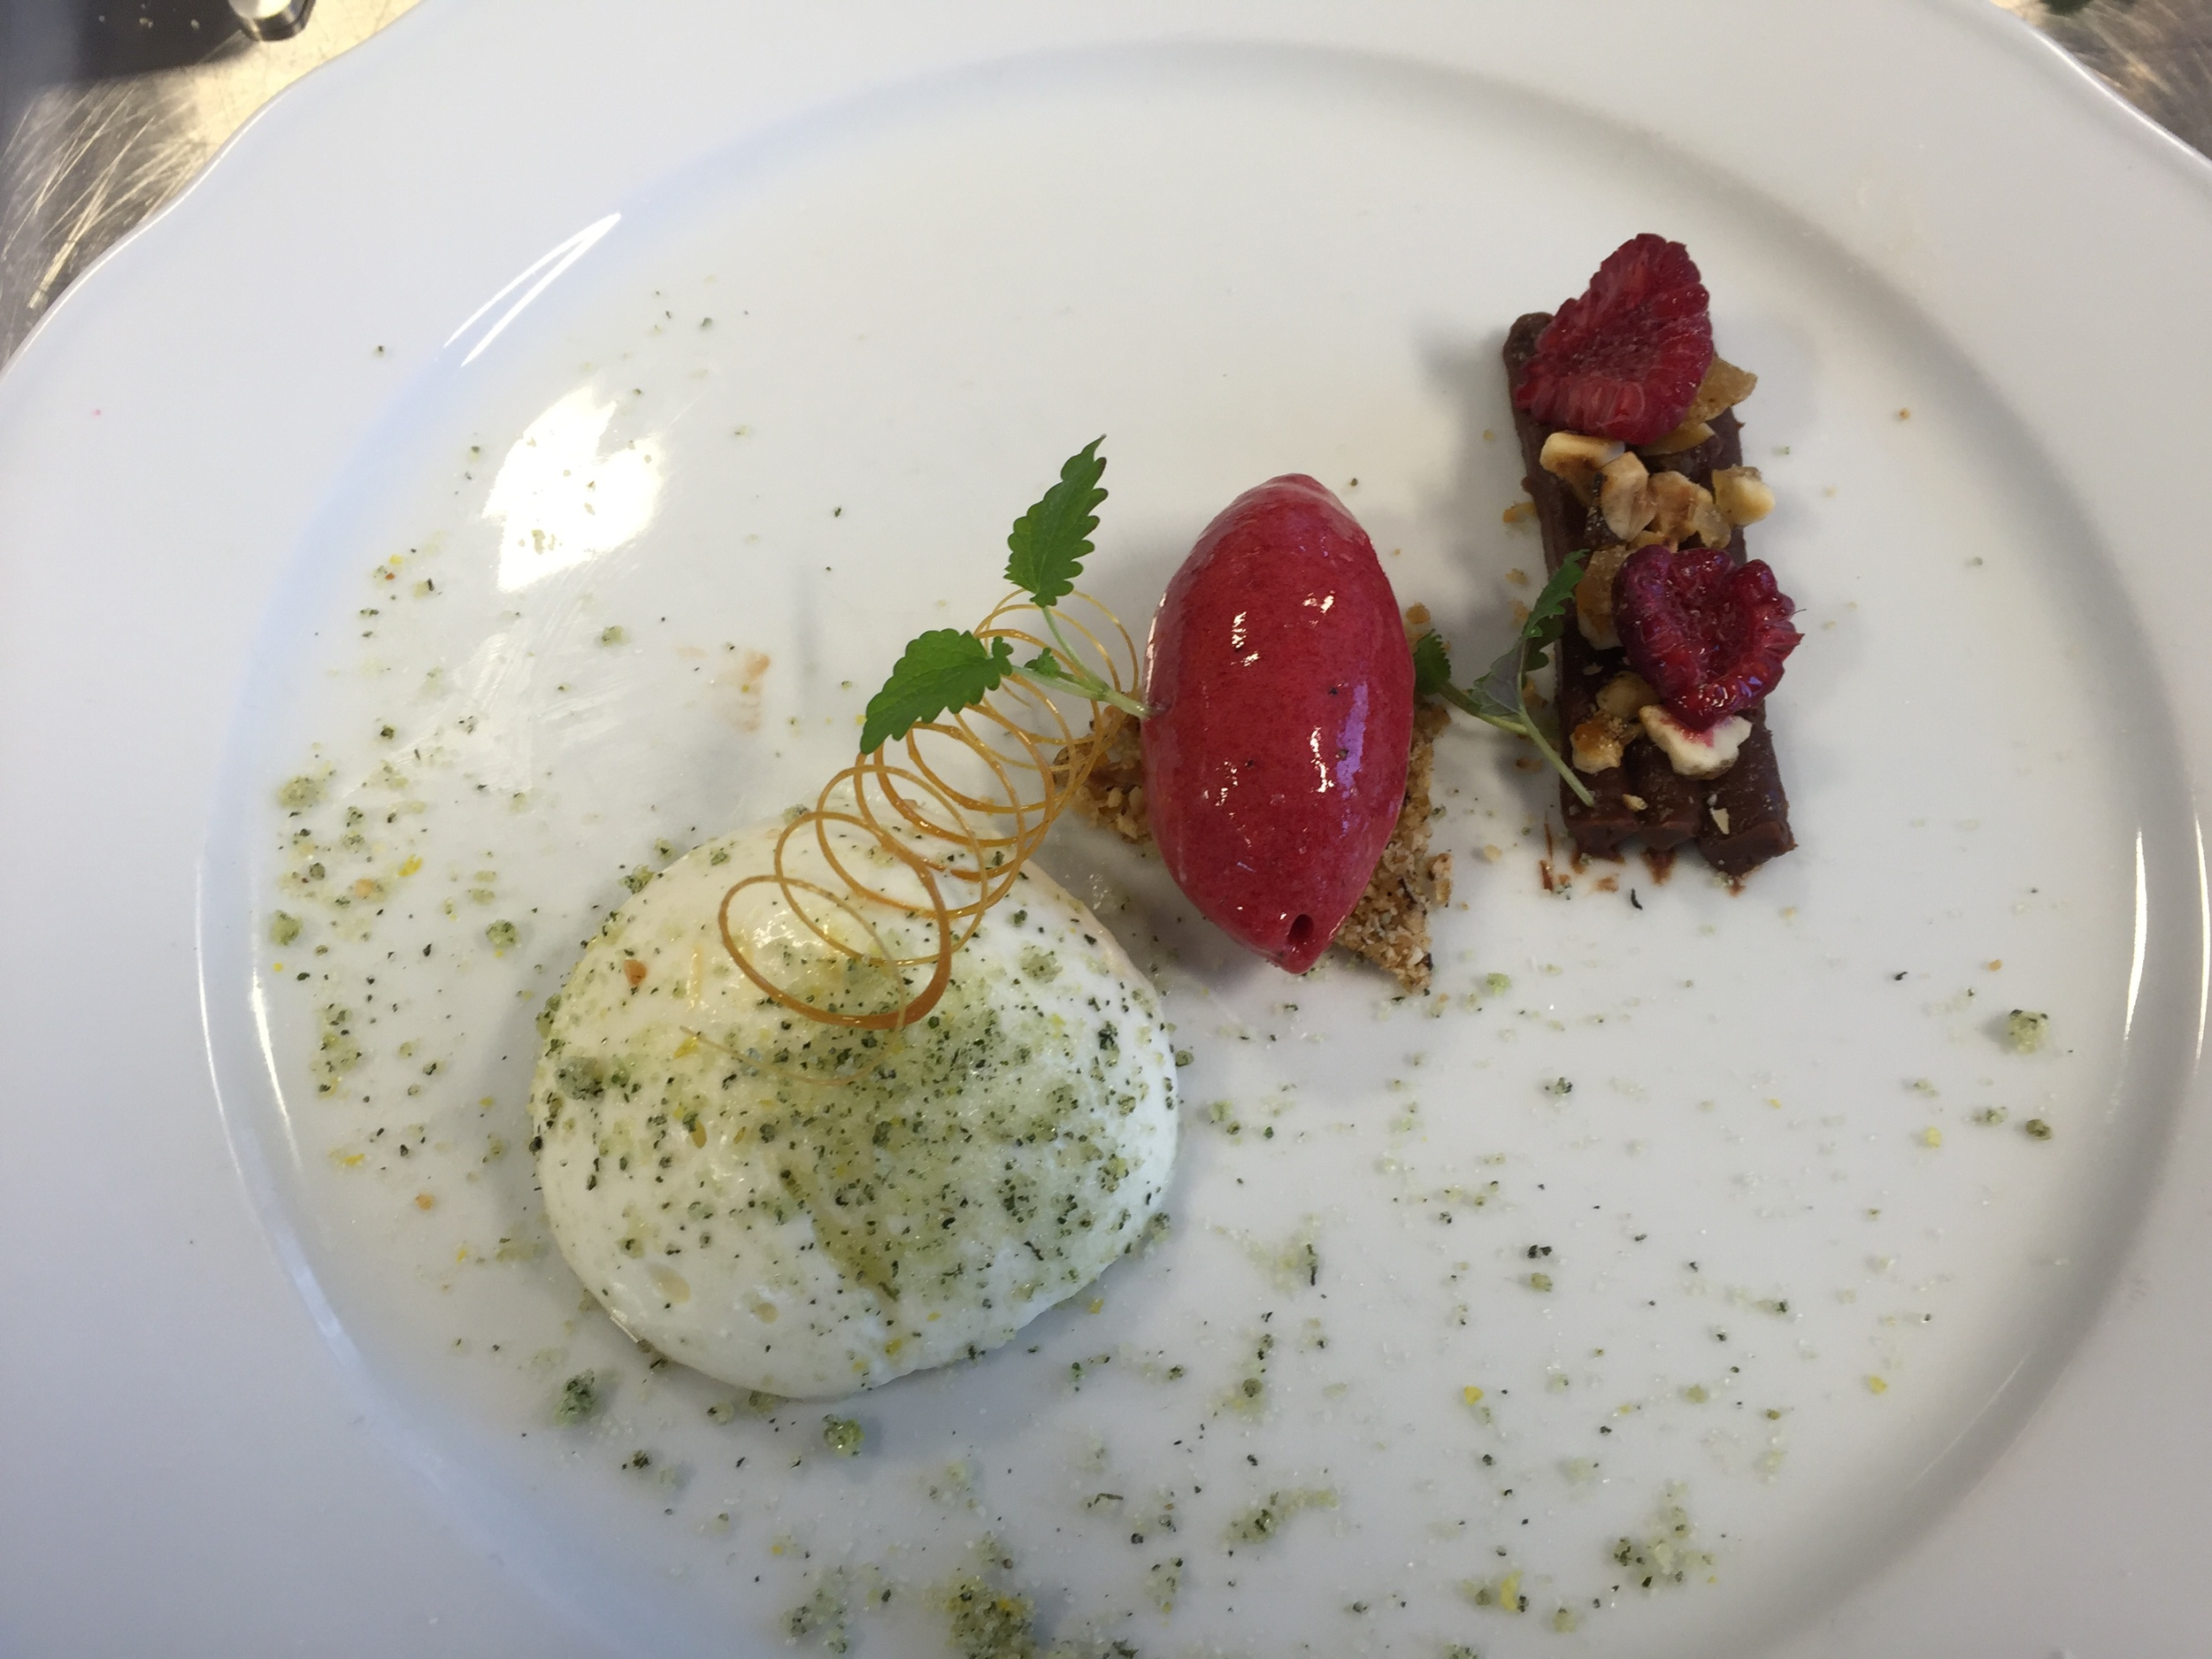 Desserten er rømmemousse, bringebærsorbet og sjokolade og sitronganach